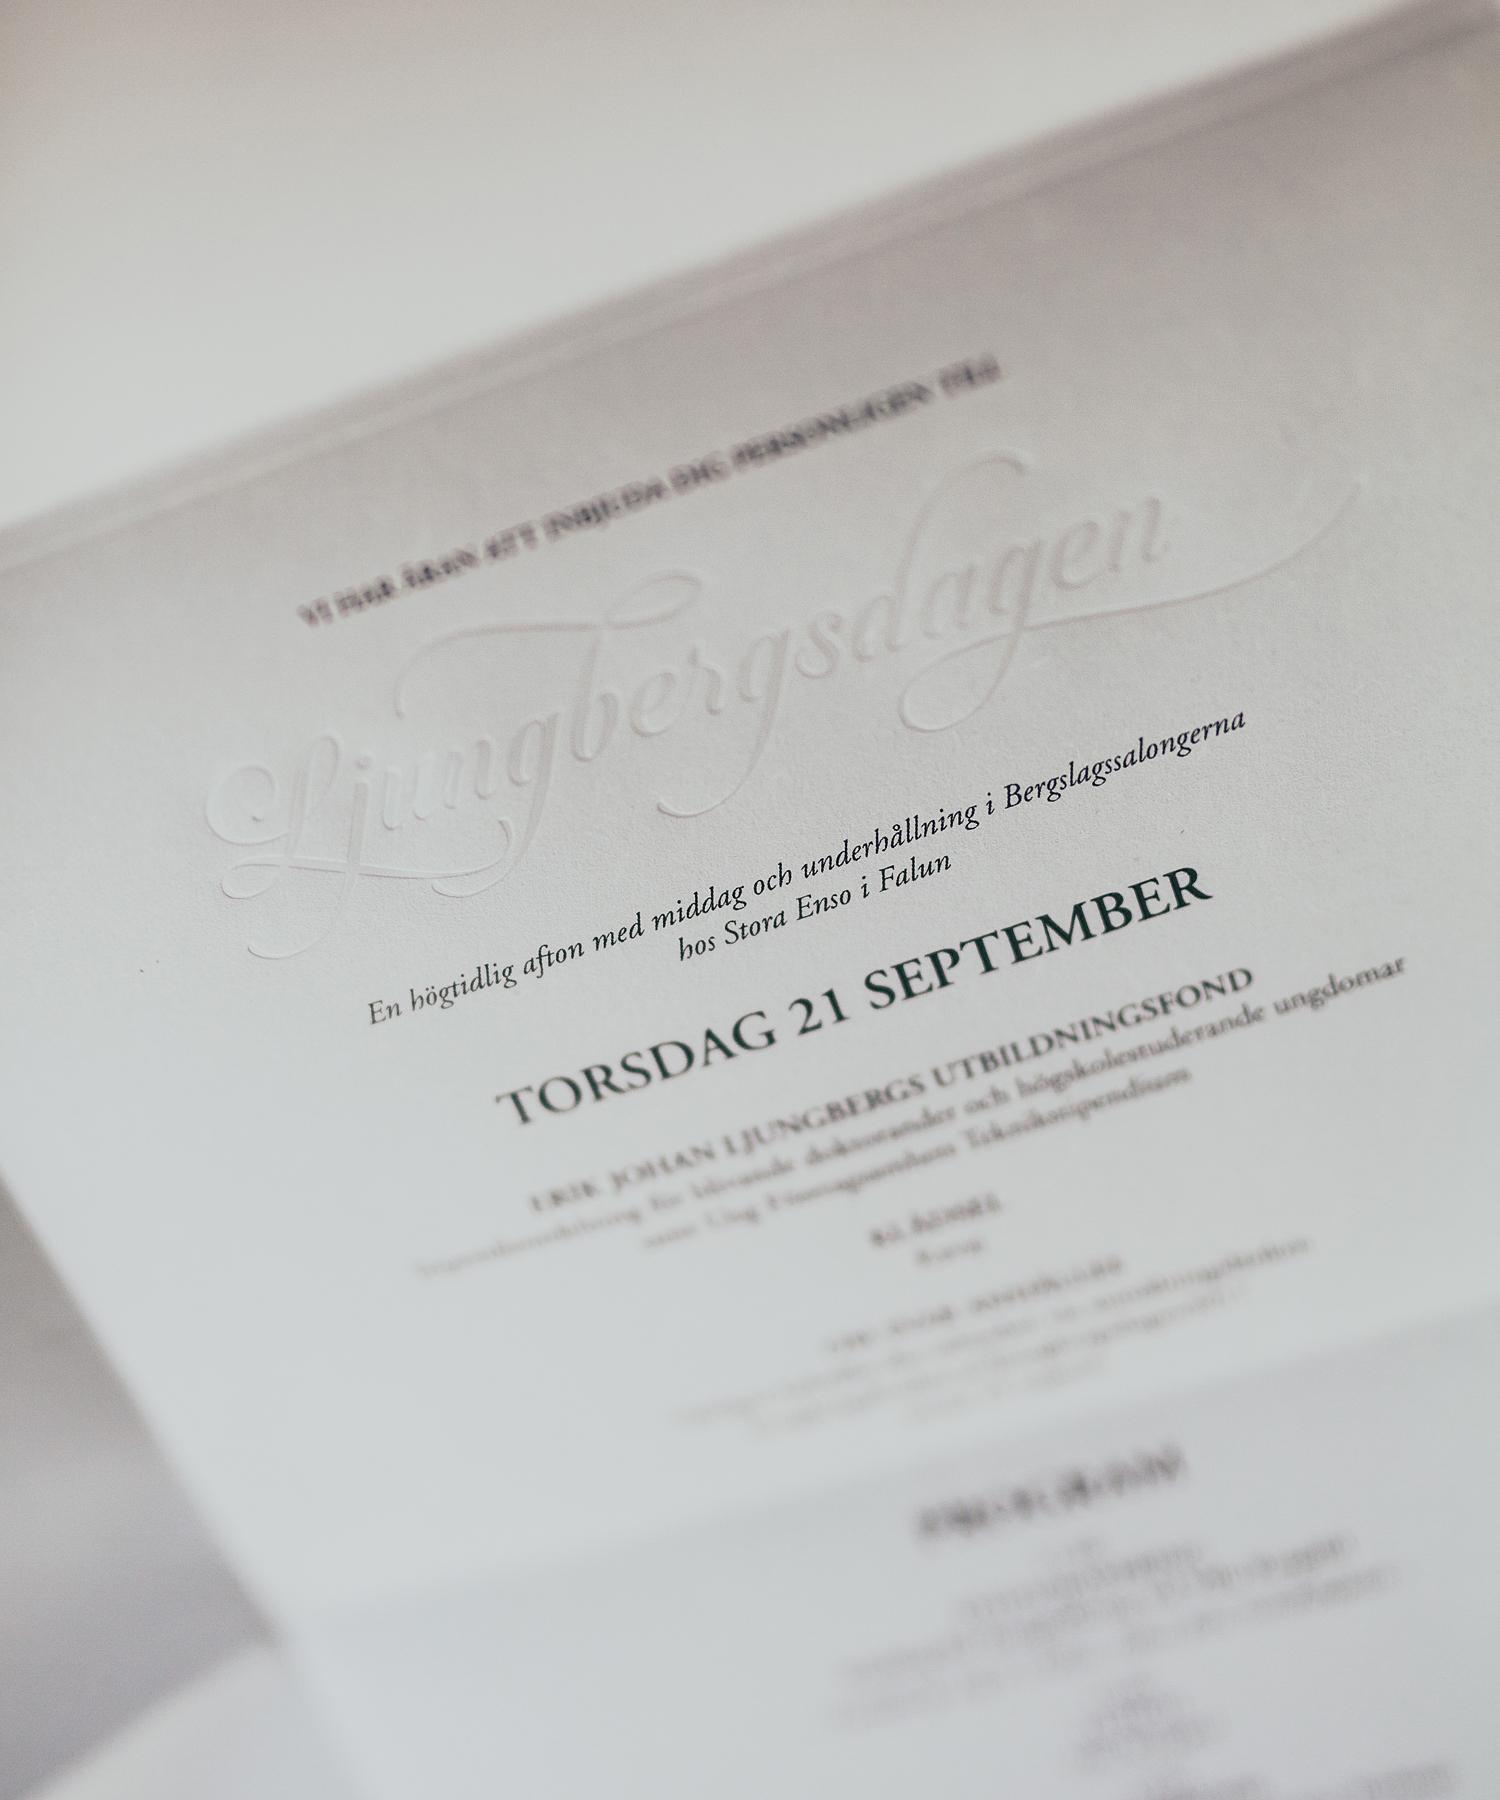 Inbjudan till Ljungbergsdagen 2017